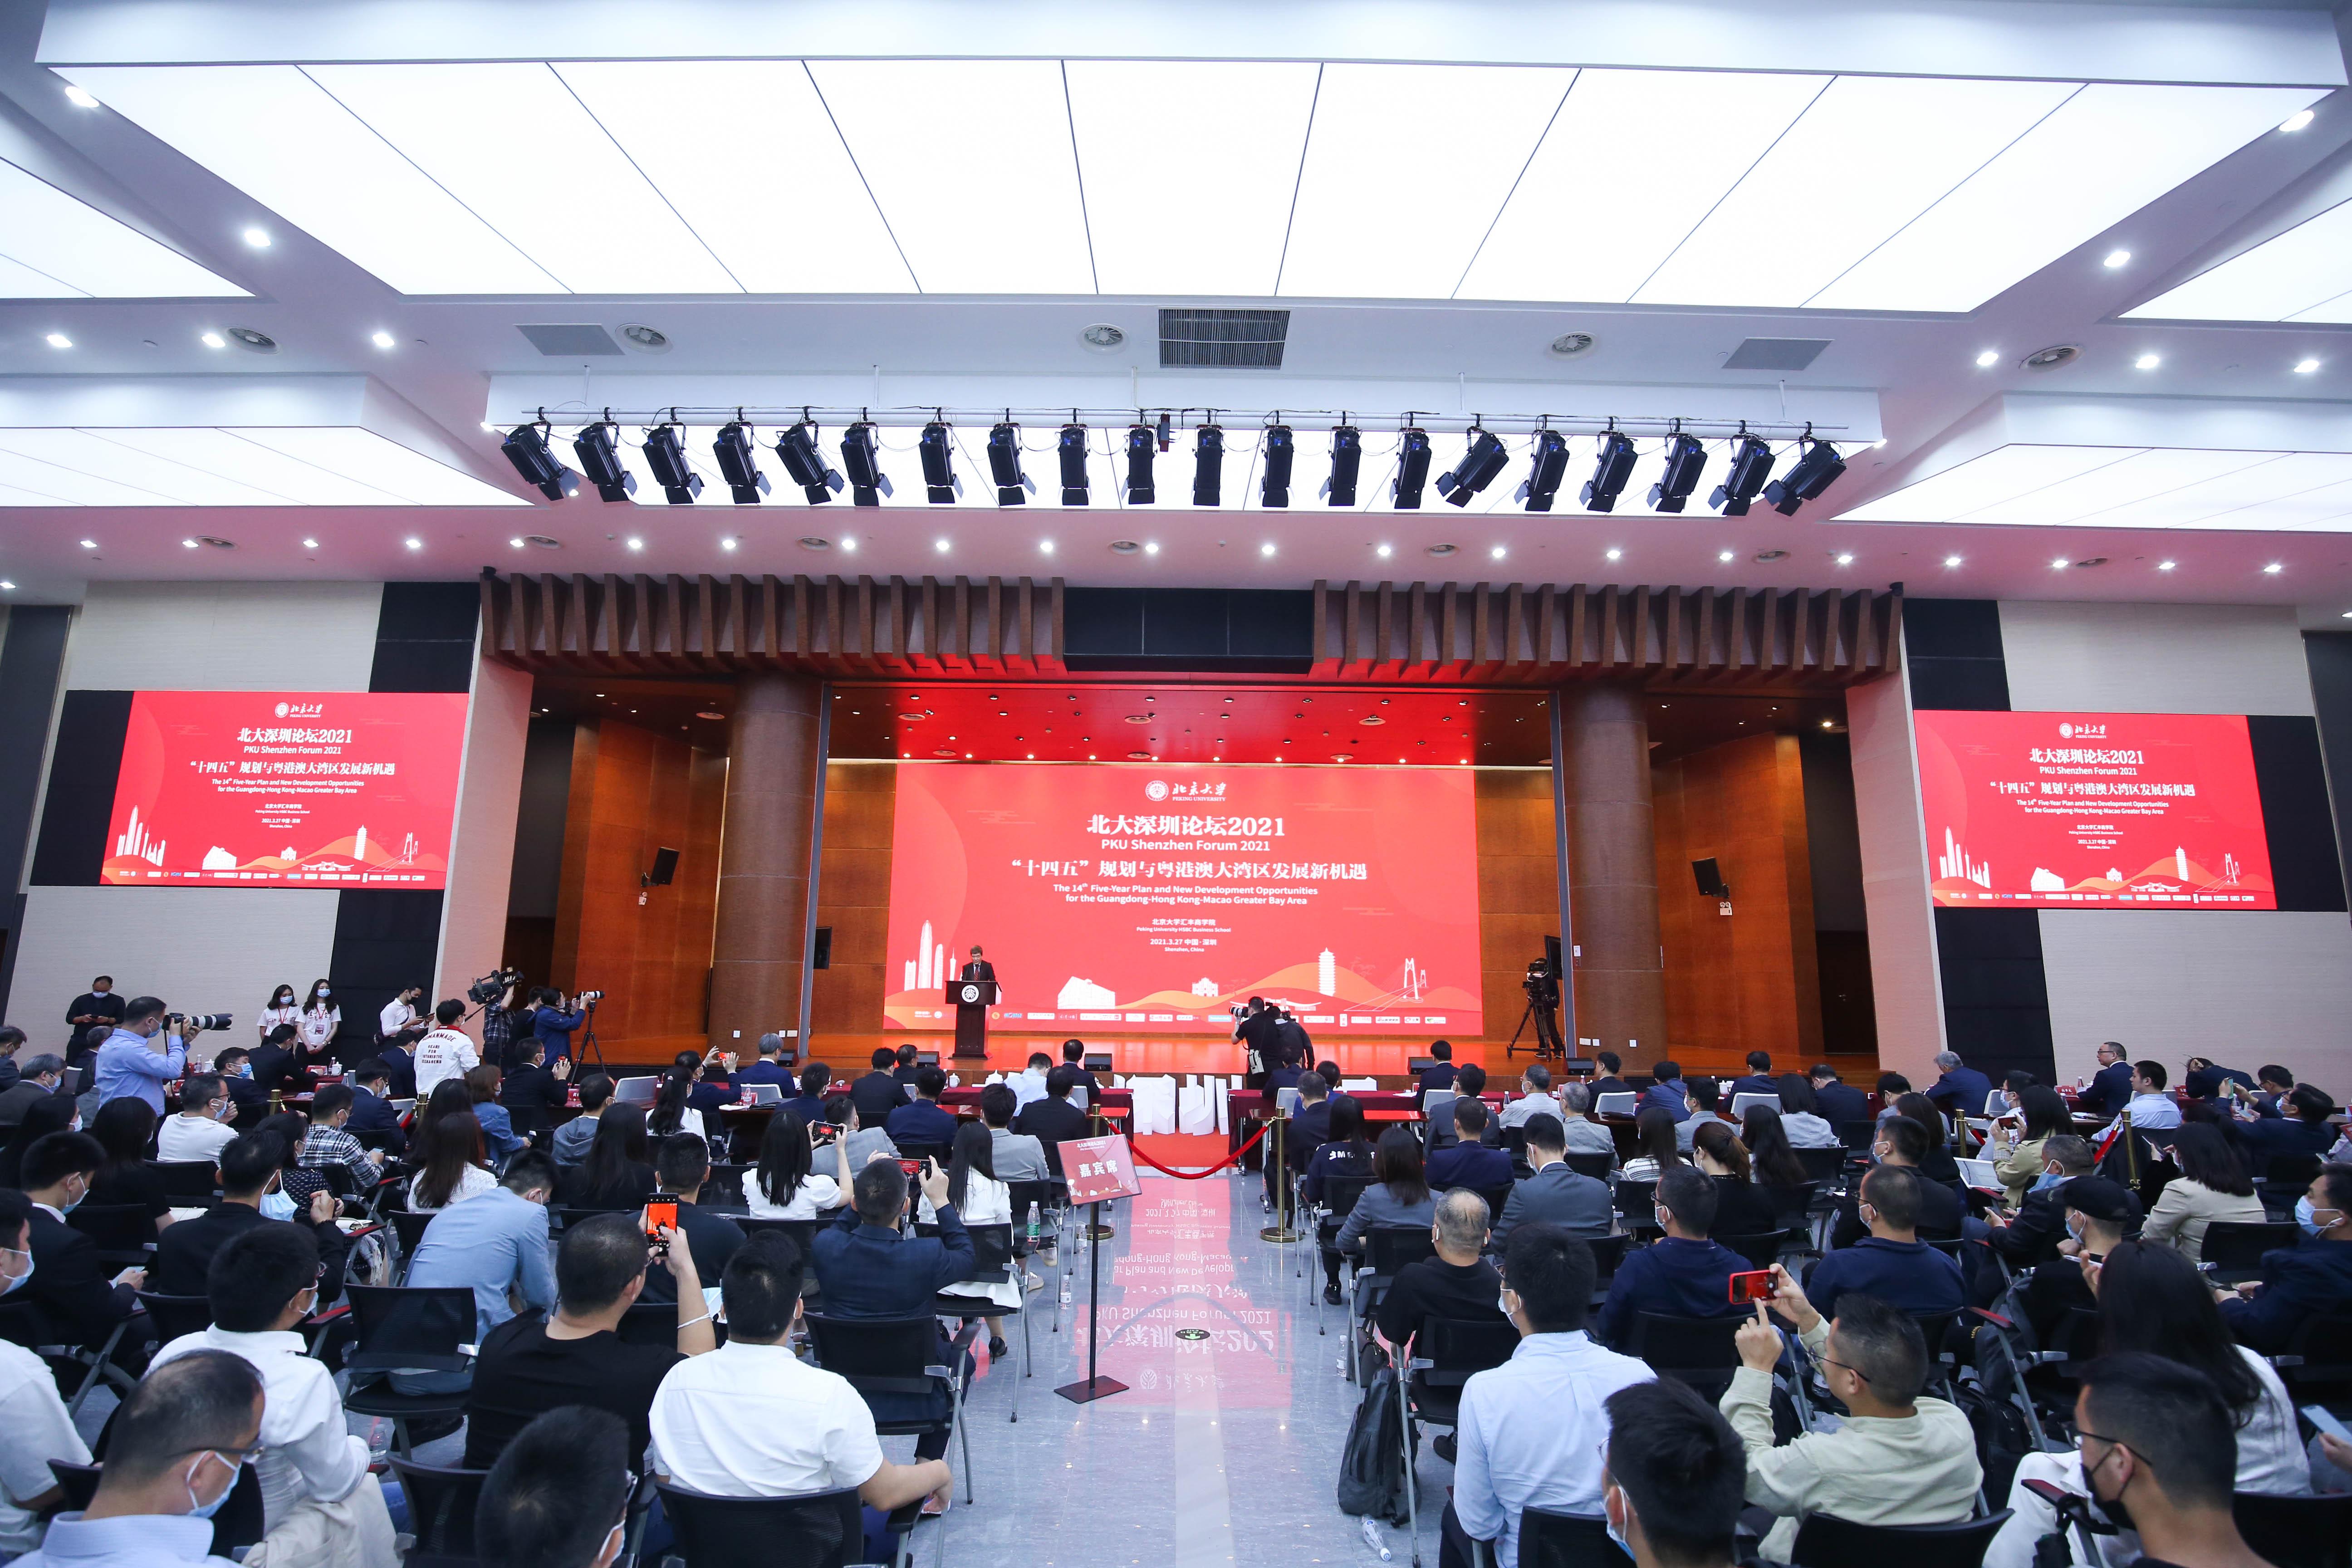 【中国新闻网】聚焦十四五 把脉大湾区 北大深圳论坛2021举行